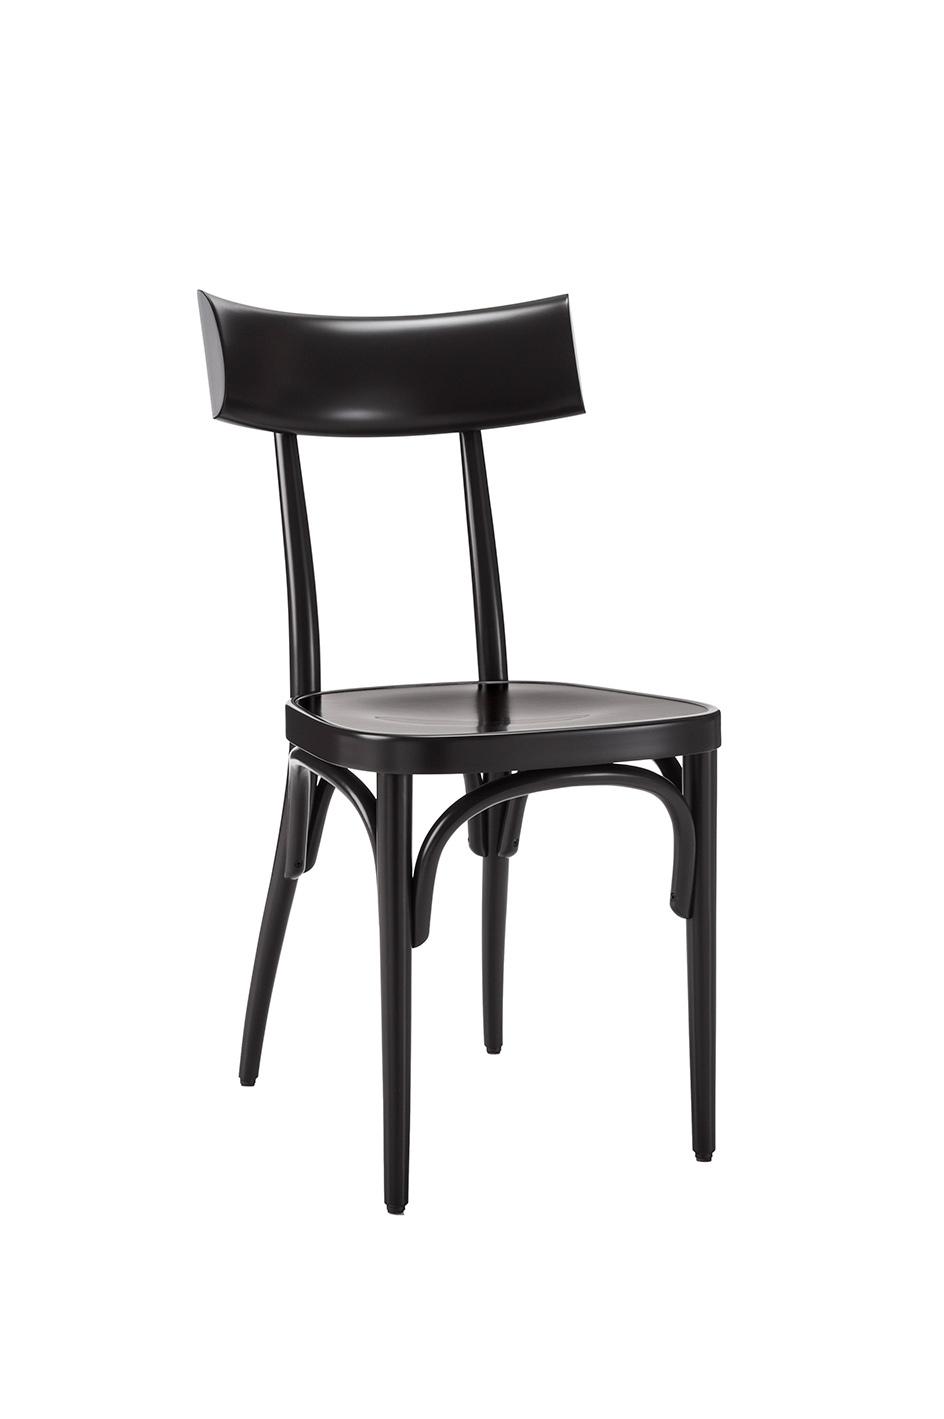 Czech chair gebr der thonet vienna for Thonet stuhl design analyse